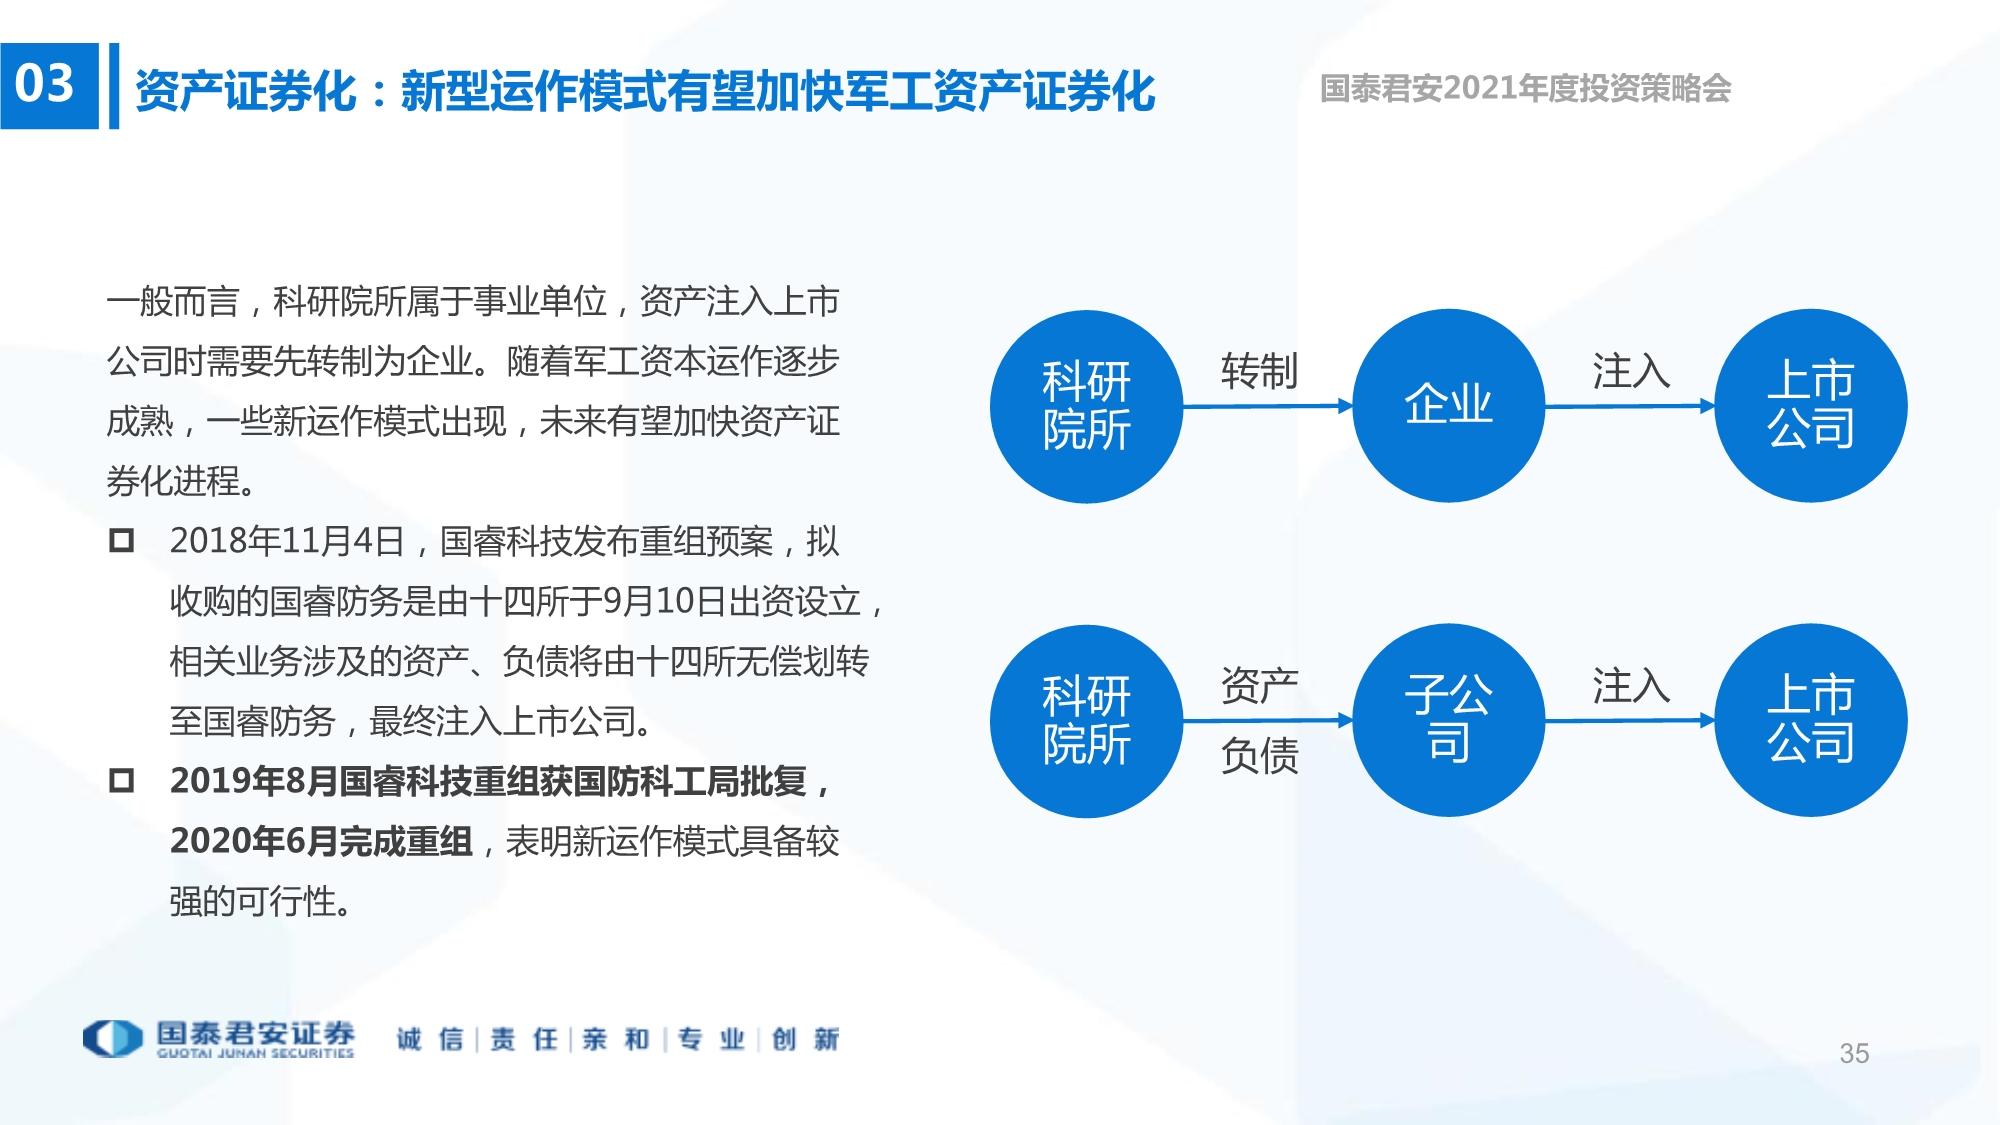 军工行业2021年度策略:十四五高景气,首选航天航空